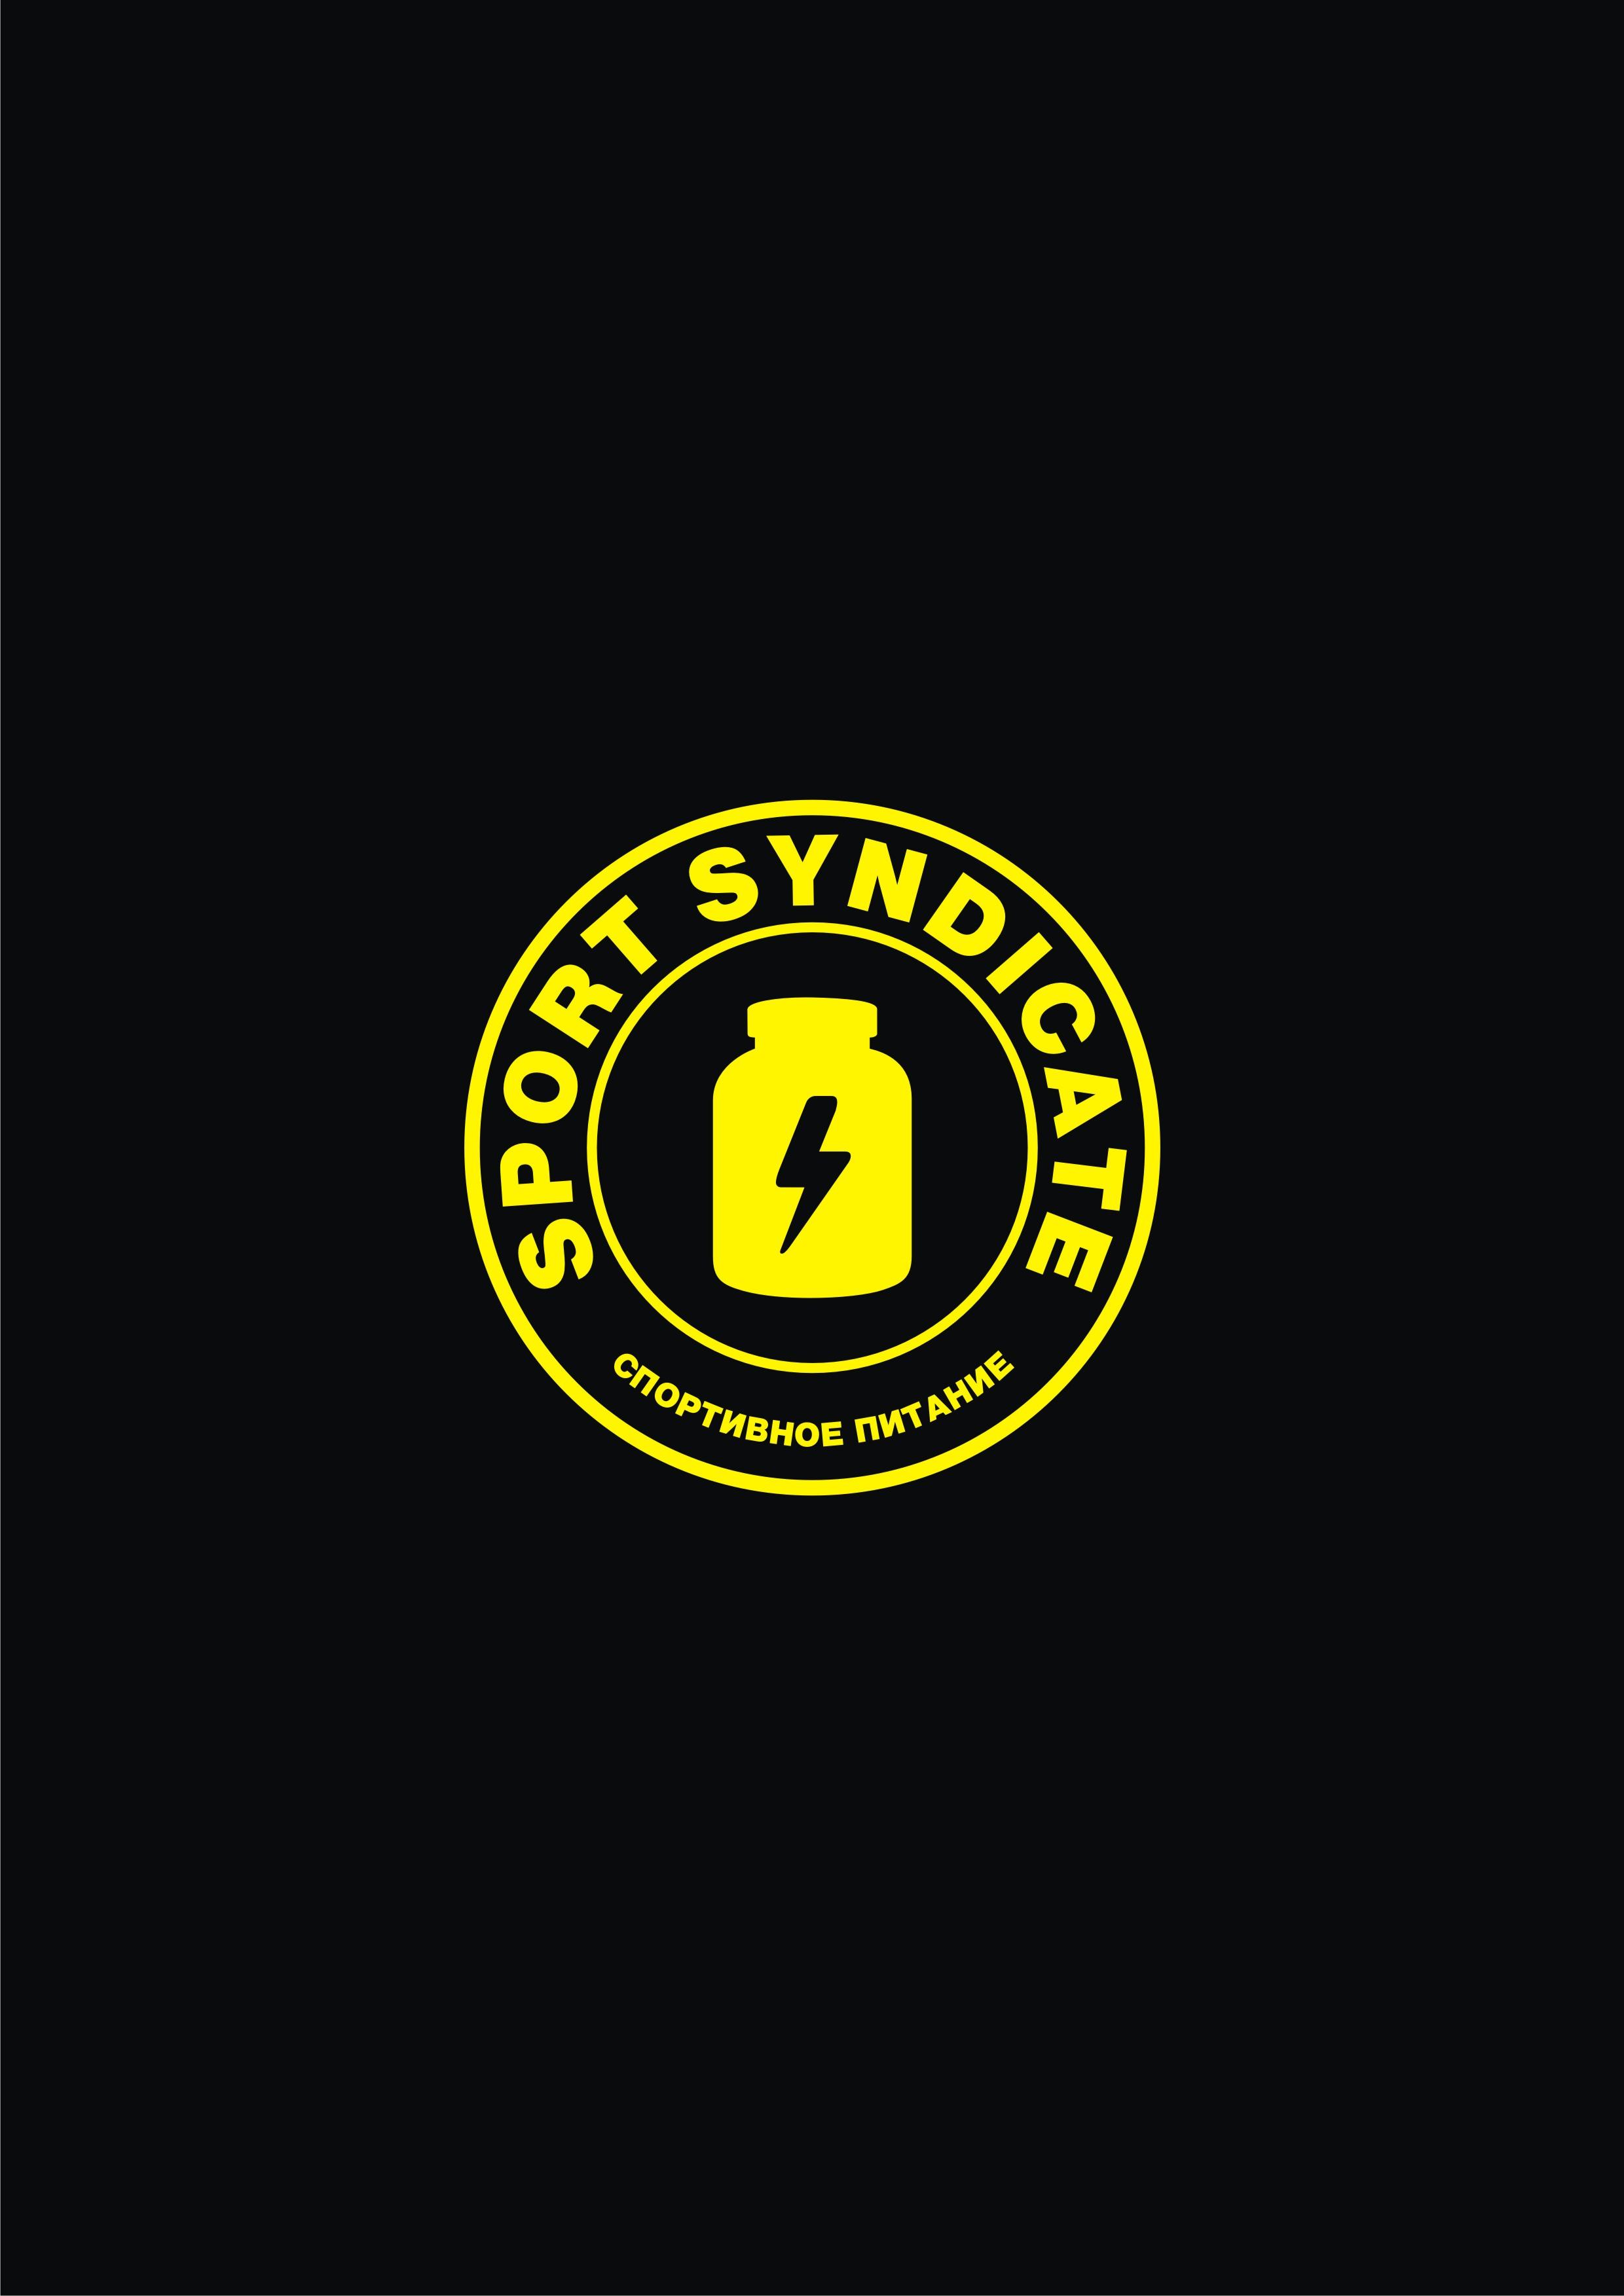 Создать логотип для сети магазинов спортивного питания фото f_837596752f4cbb69.jpg